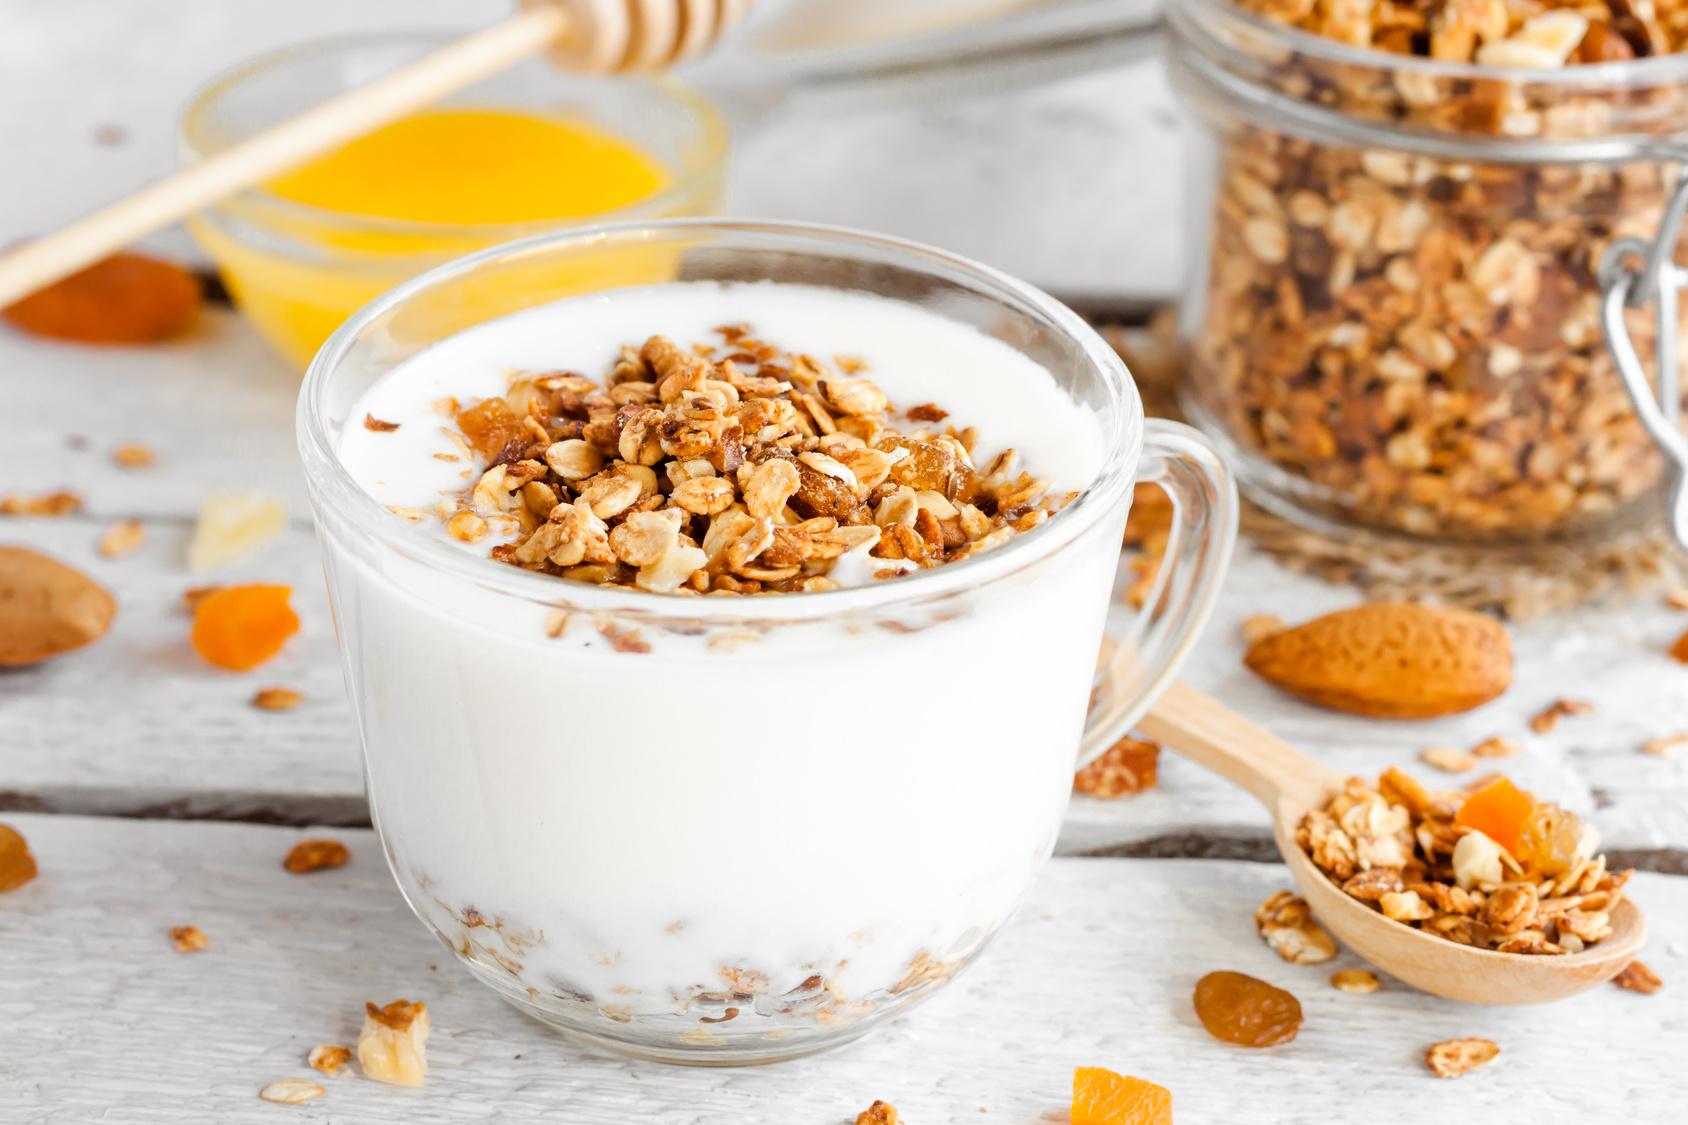 おいしく朝活!グラノーラ新商品体験&「朝食アレンジ」おしゃべり会+お土産付き♪